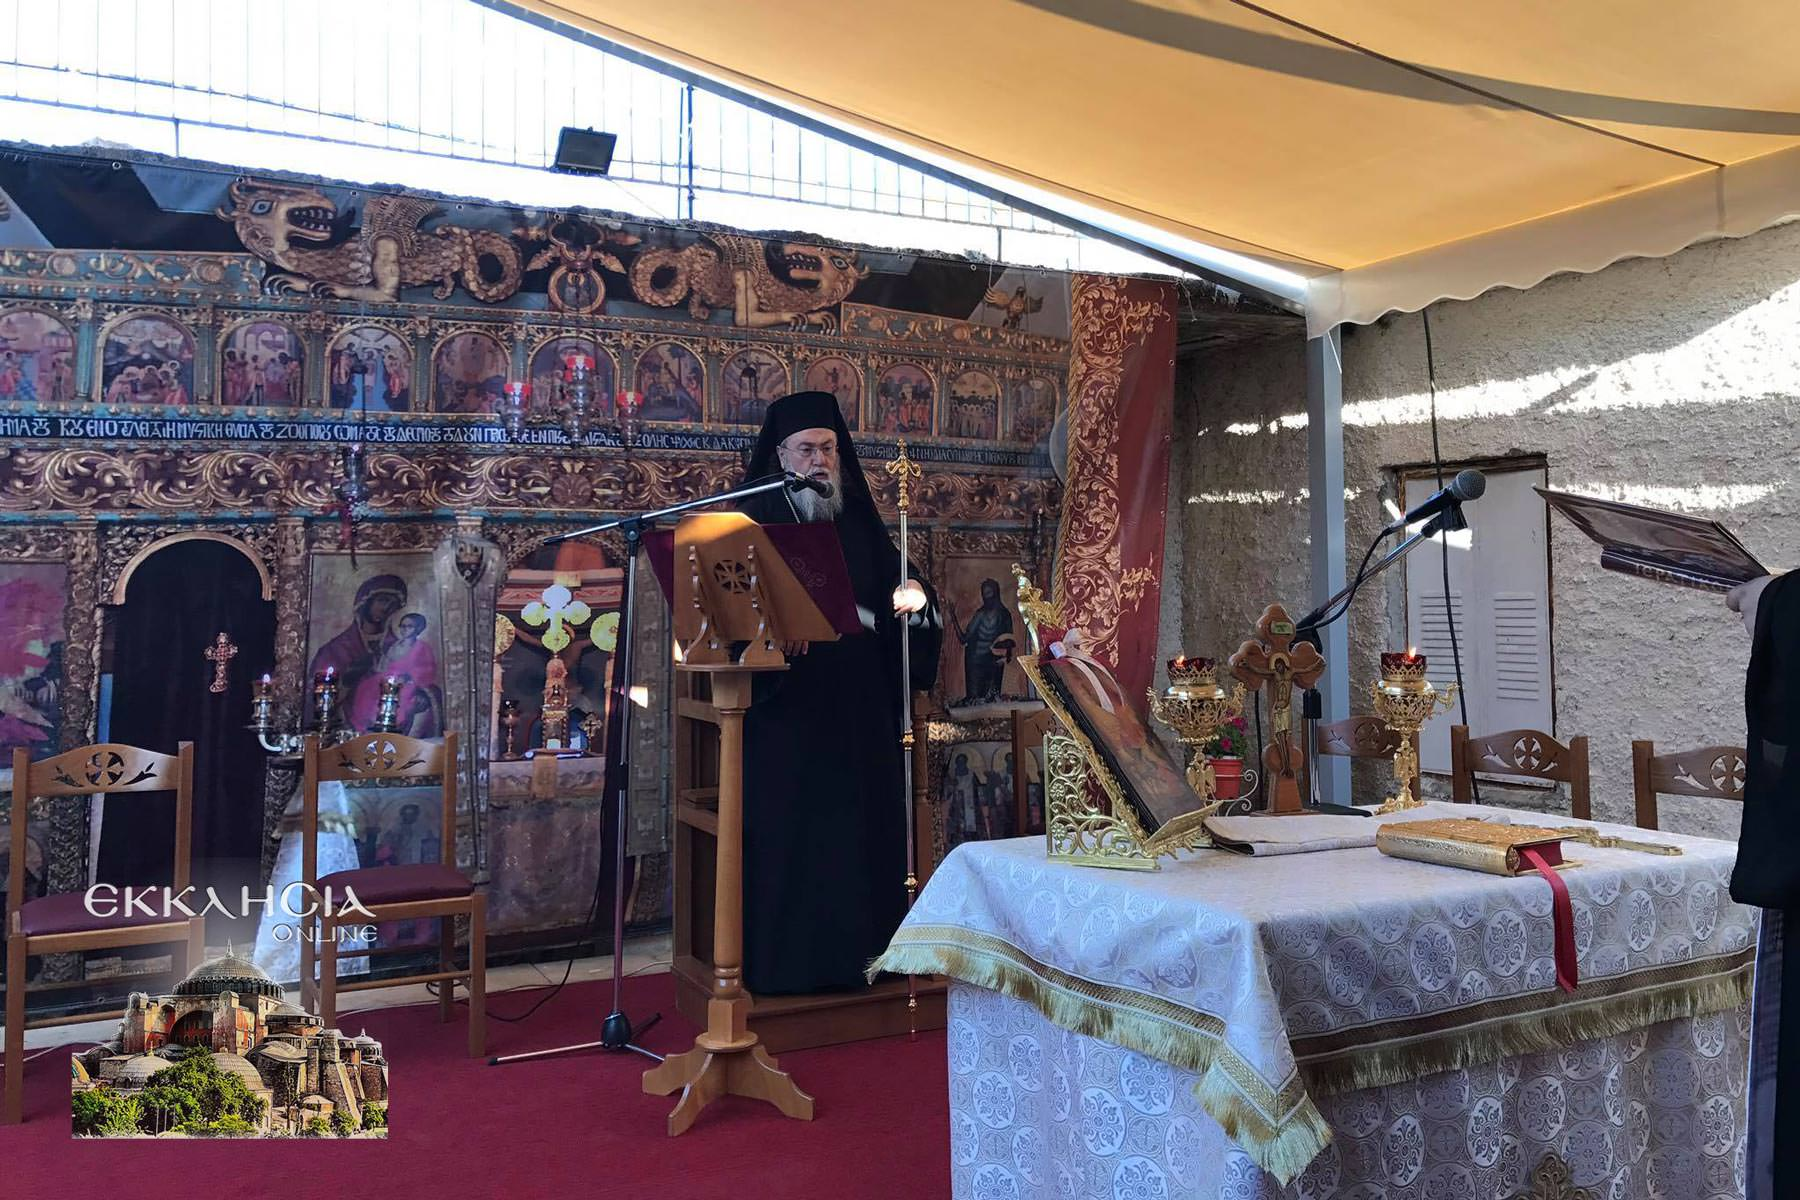 Προφήτης Ηλίας Ιερά Μονή Ζαχόλης 2020